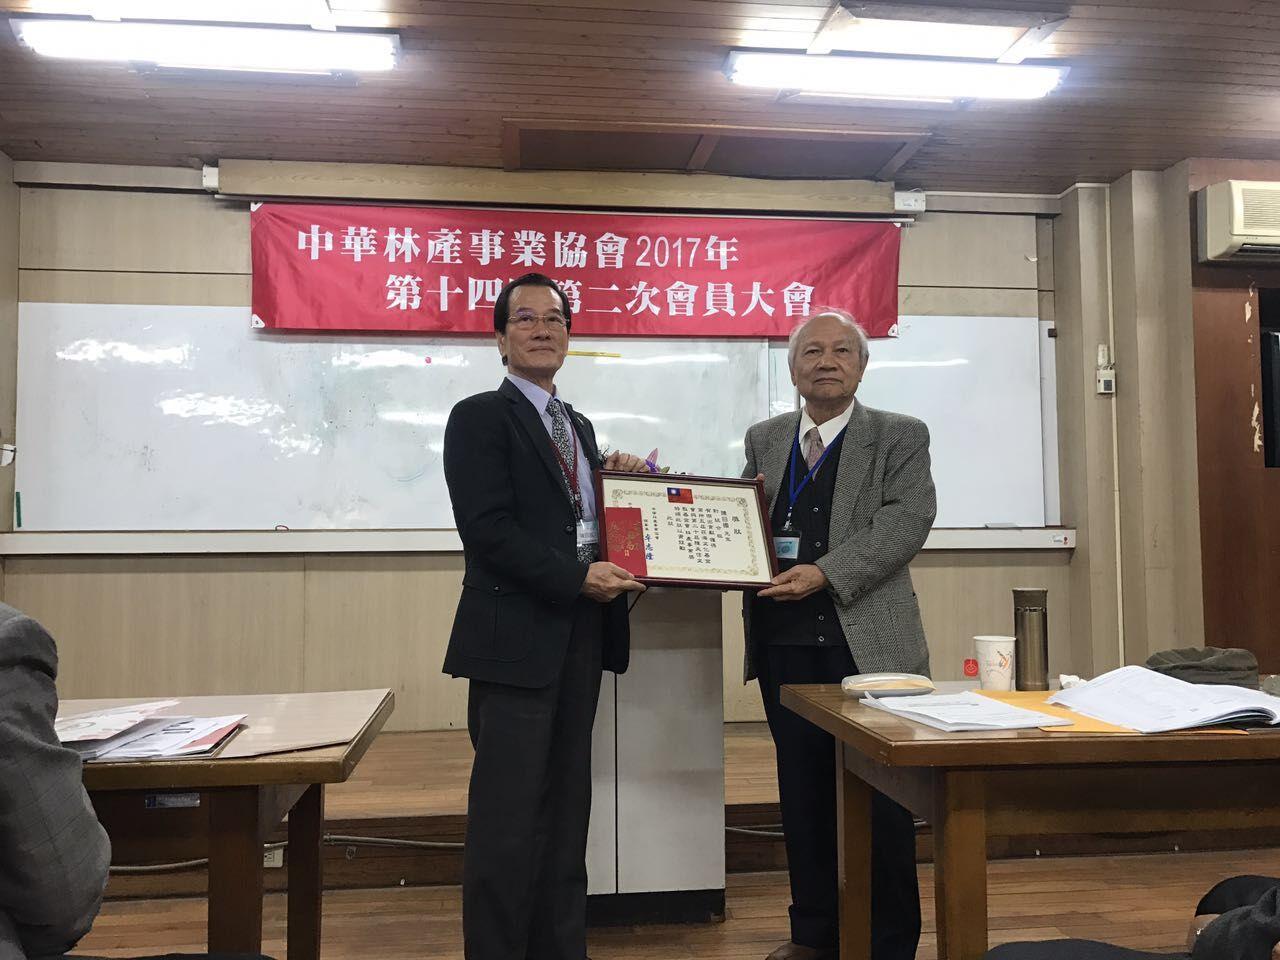 台湾中华林产事业协会荣誉证书